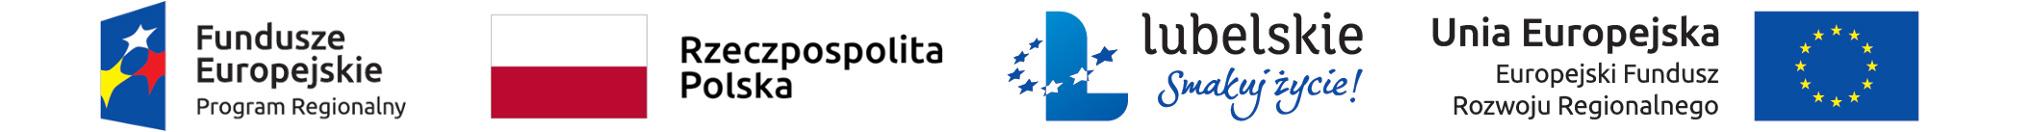 Fundusze Europejskie, Rzeczpospolita Polska, wojewudztwo Lubelskie, Unia Europejska